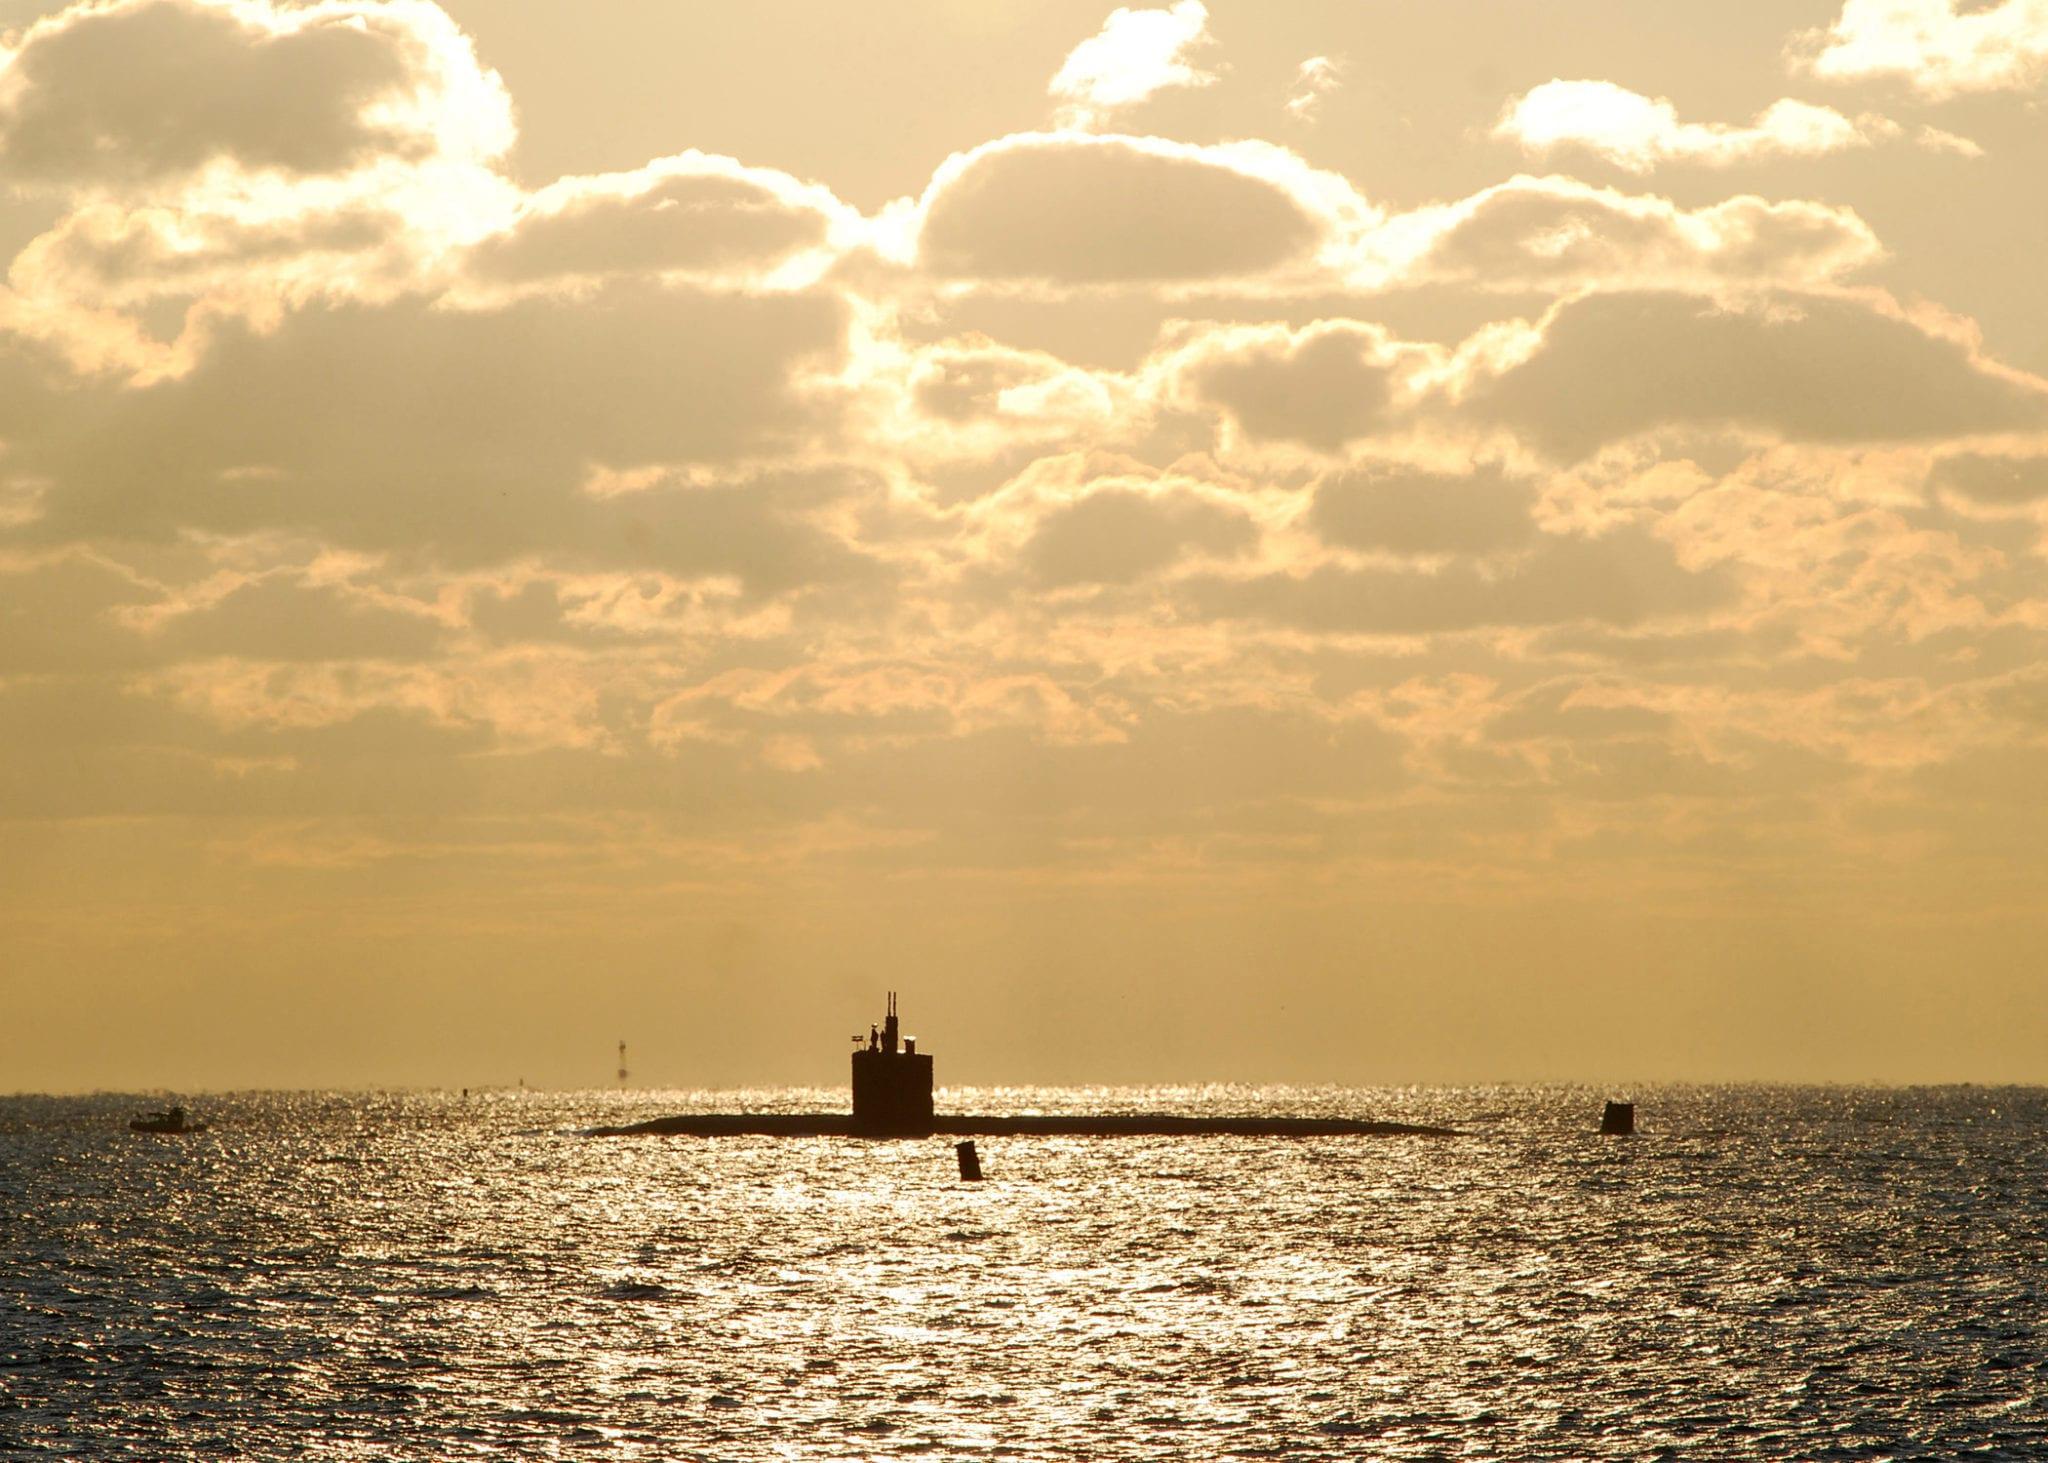 seapowermagazine.org